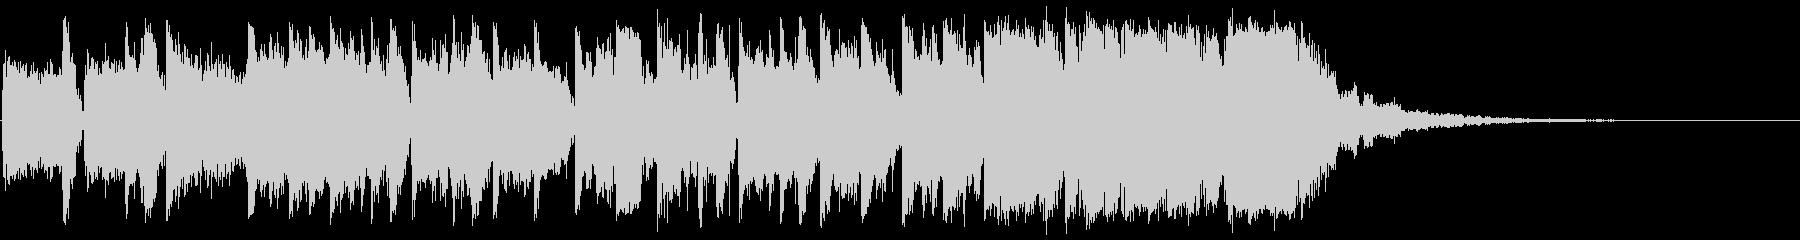 トイピアノのエレクトロニカポップの未再生の波形